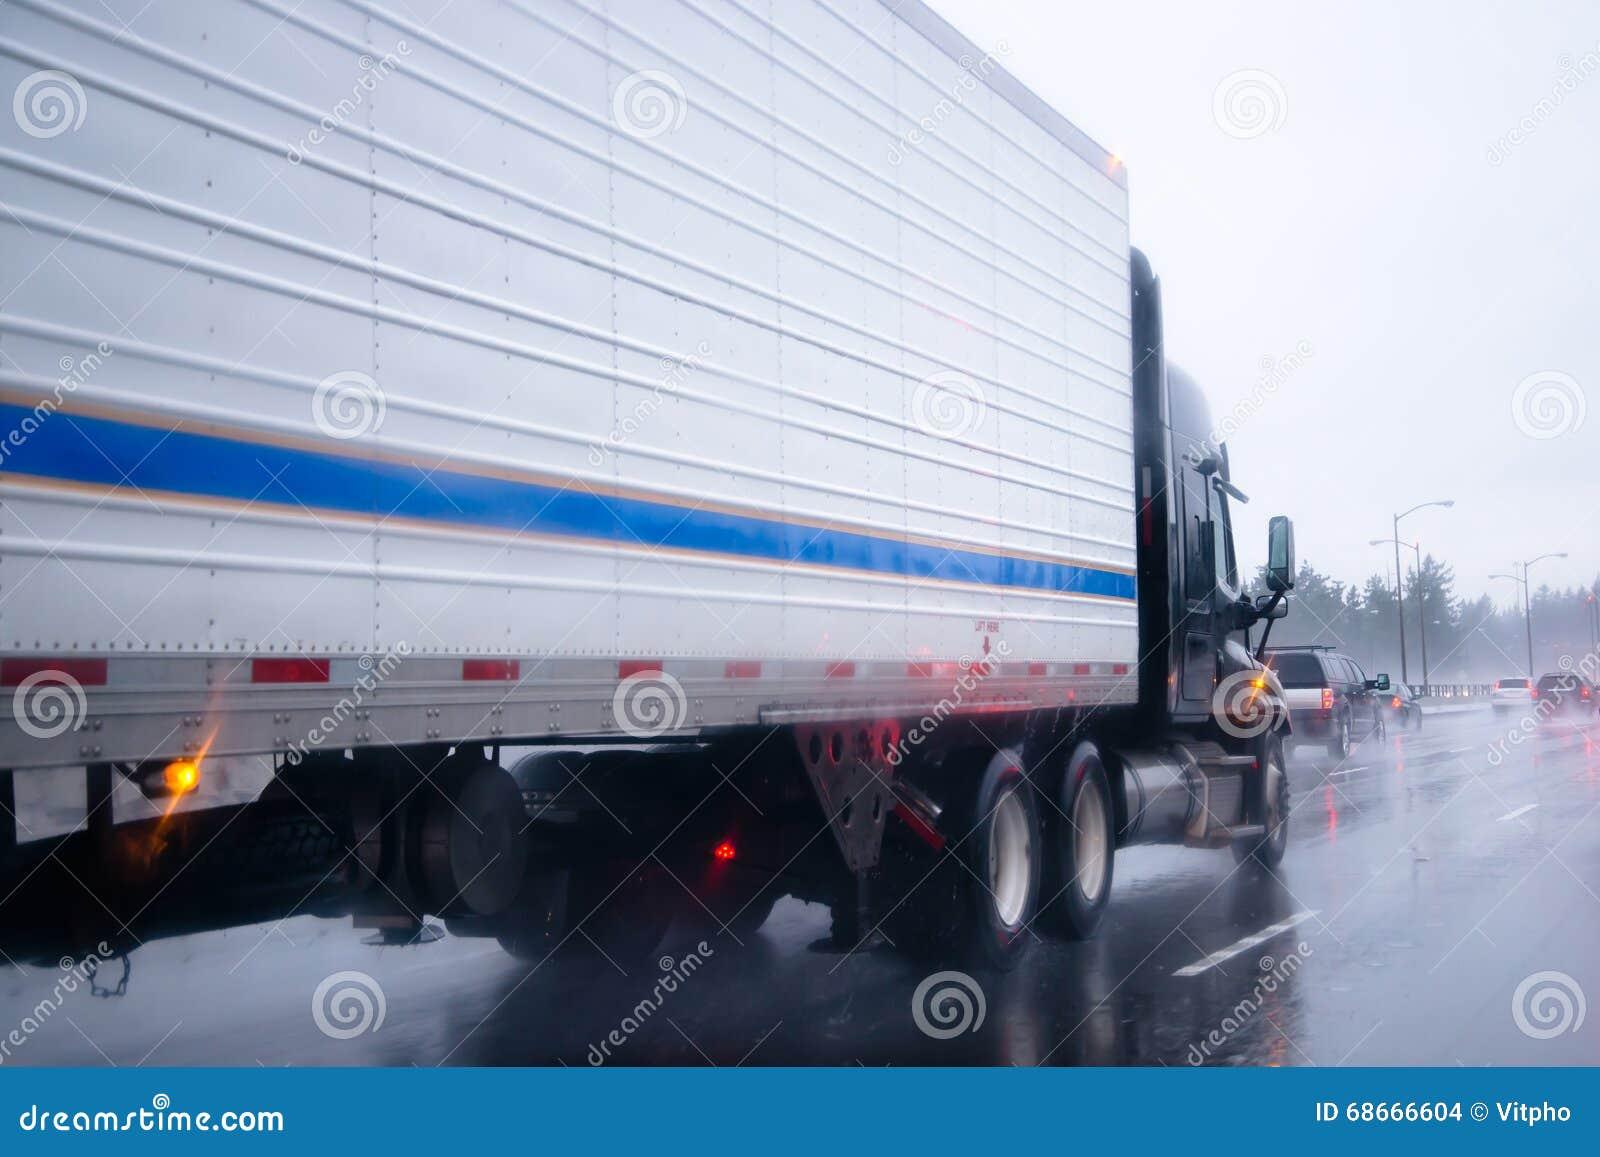 Schwärzen Sie halb LKW mit Refferanhänger auf dem Regnen der Landstraße